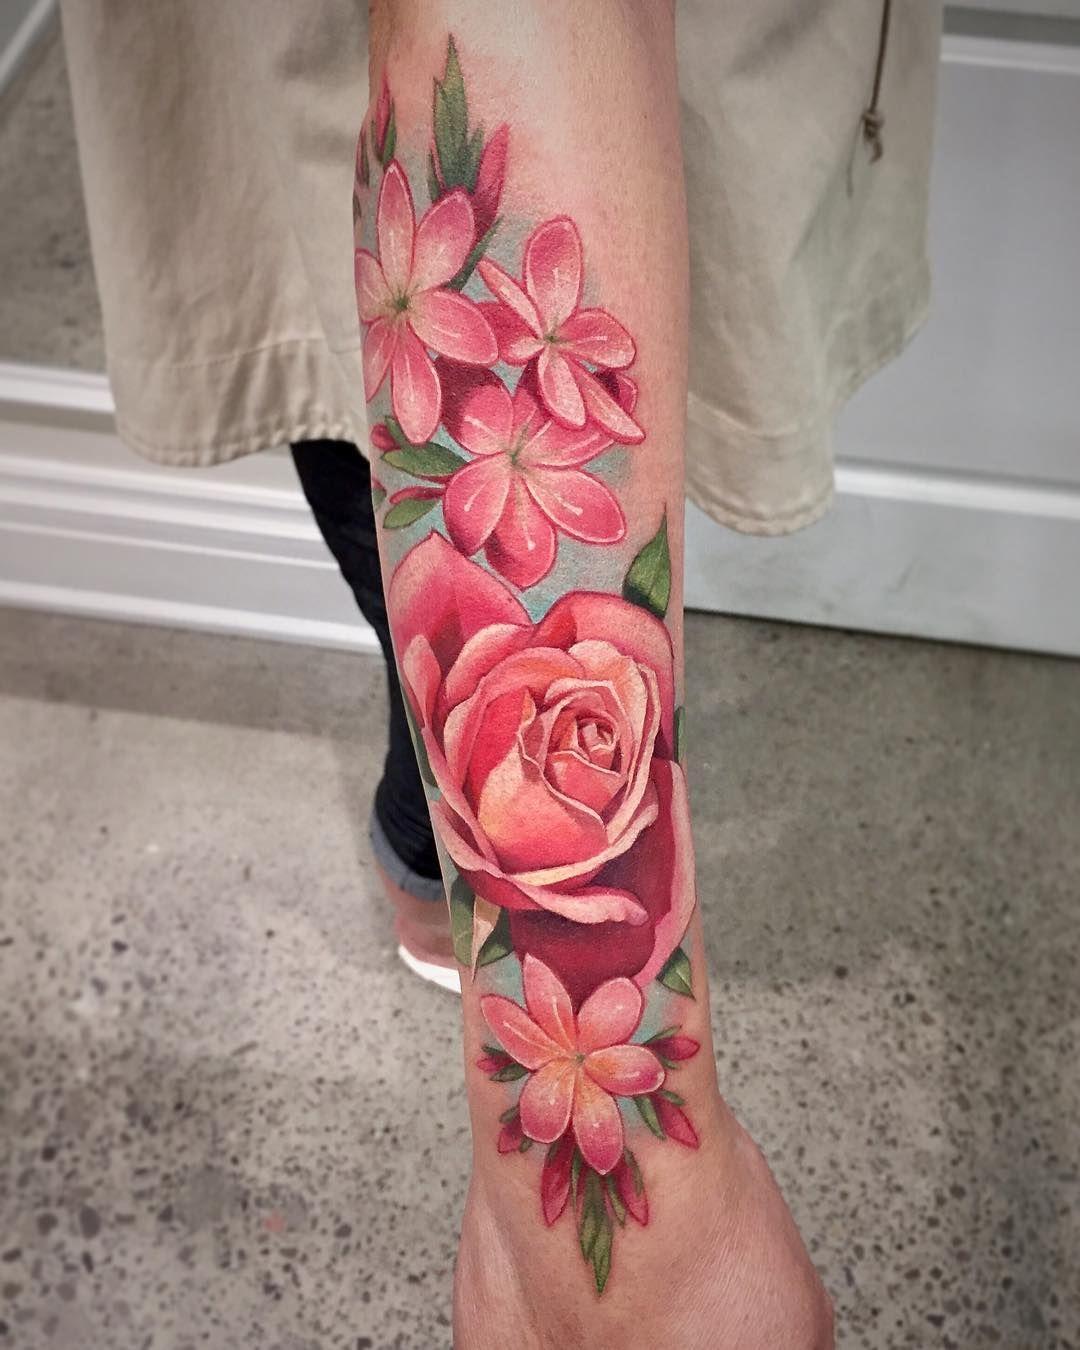 Tattoo by: @soso_ink | Tattoos | Pinterest | Tattoo, Tatting and ...